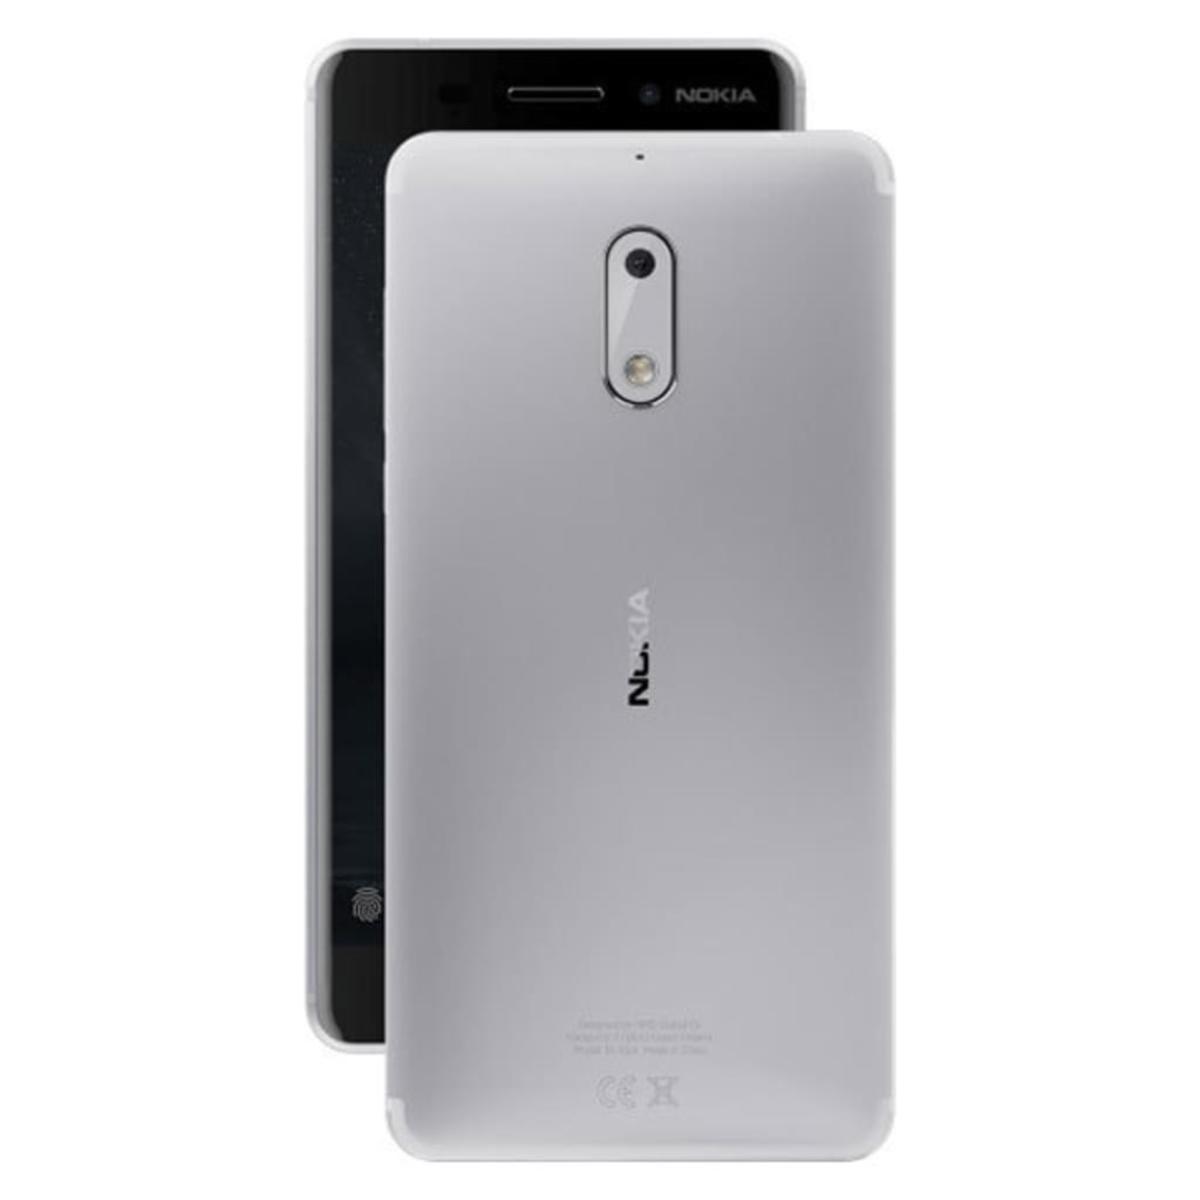 Bild 2 von Nokia 6 Dual-SIM, Farbe:Silber